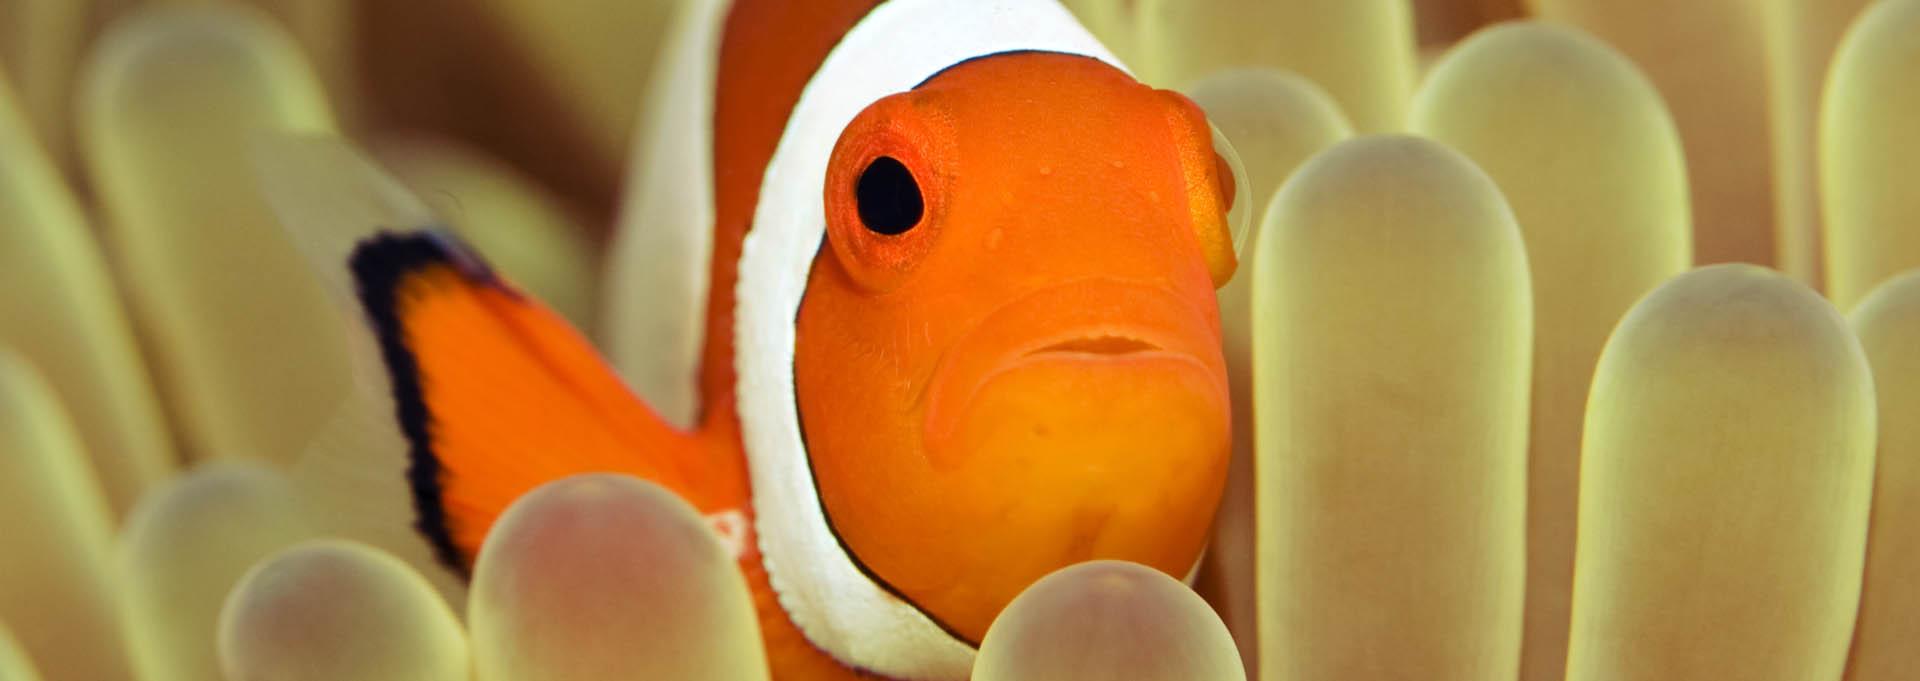 Clownfish_Banner_1920x6811